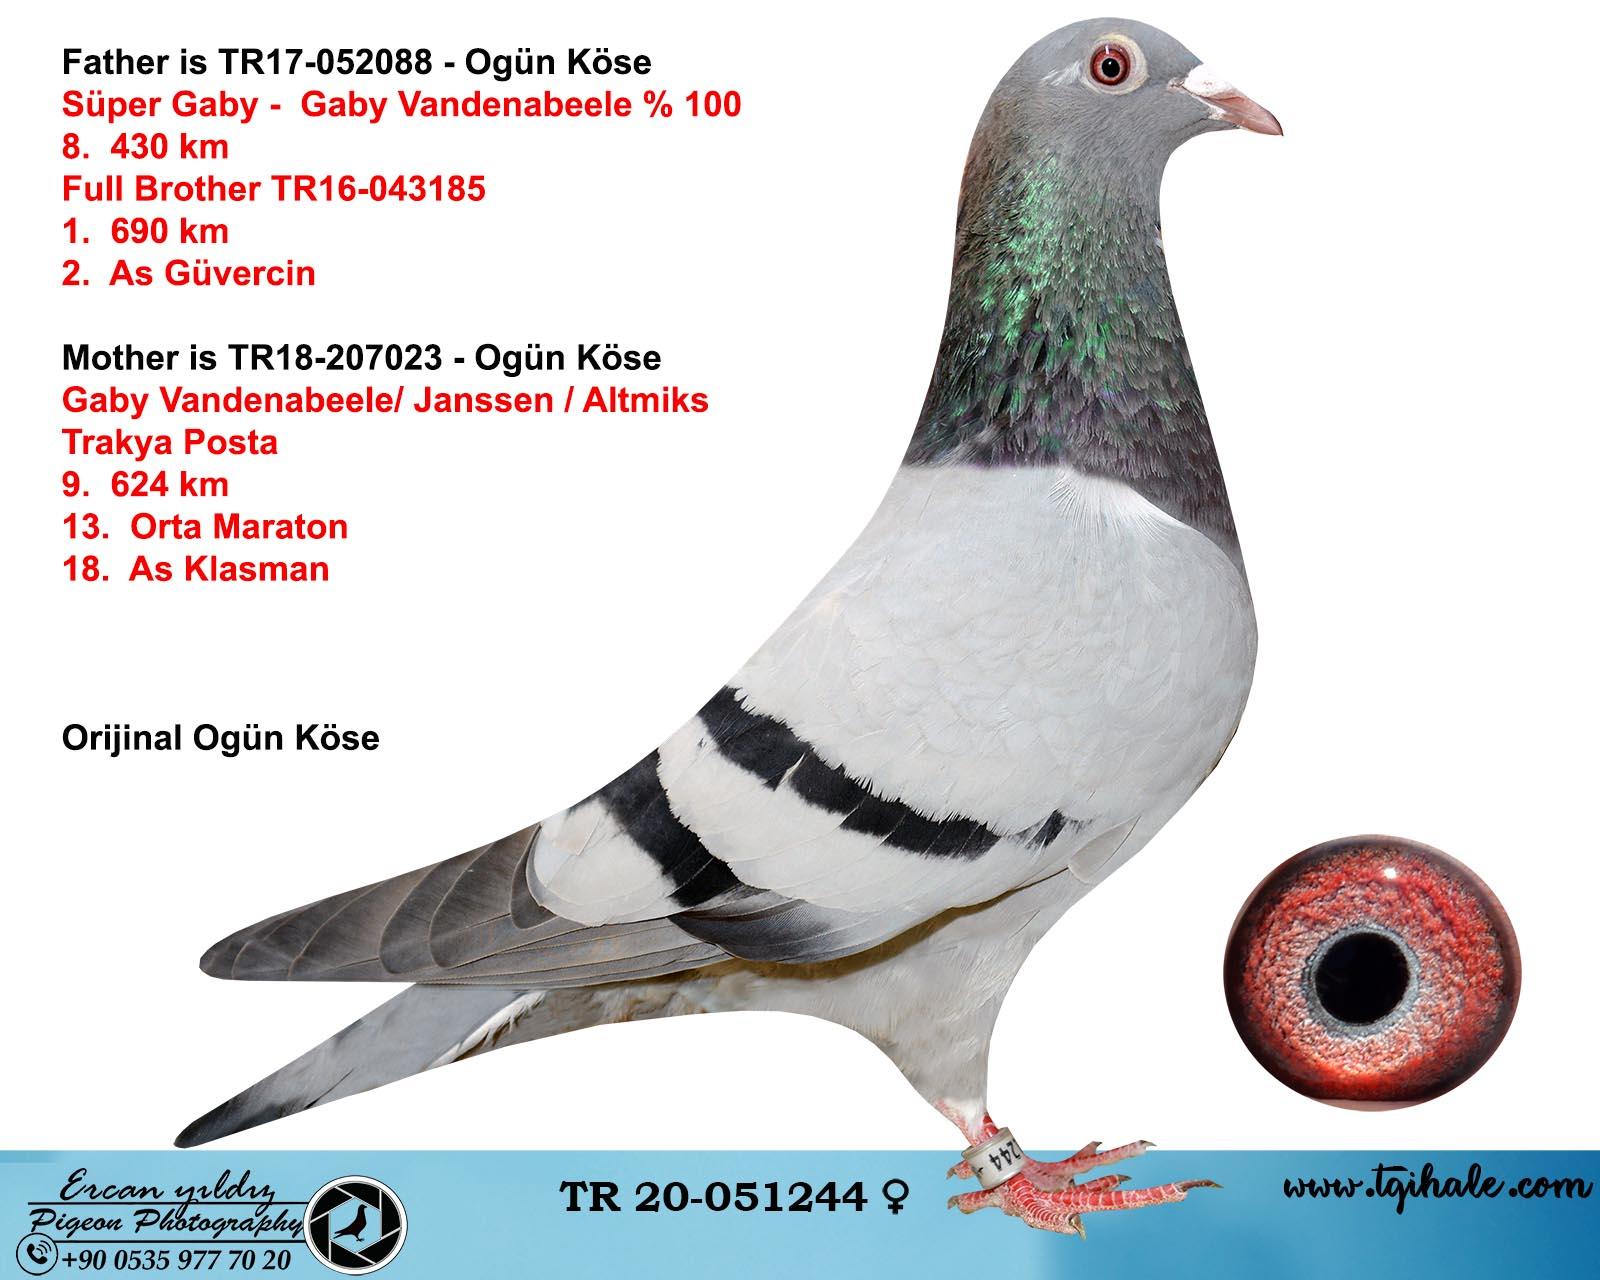 TR20-051244 DİŞİ / BABASI GABY VANDENABEELE % 100 -  8. 430 KM ANNE GABY JANSSEN